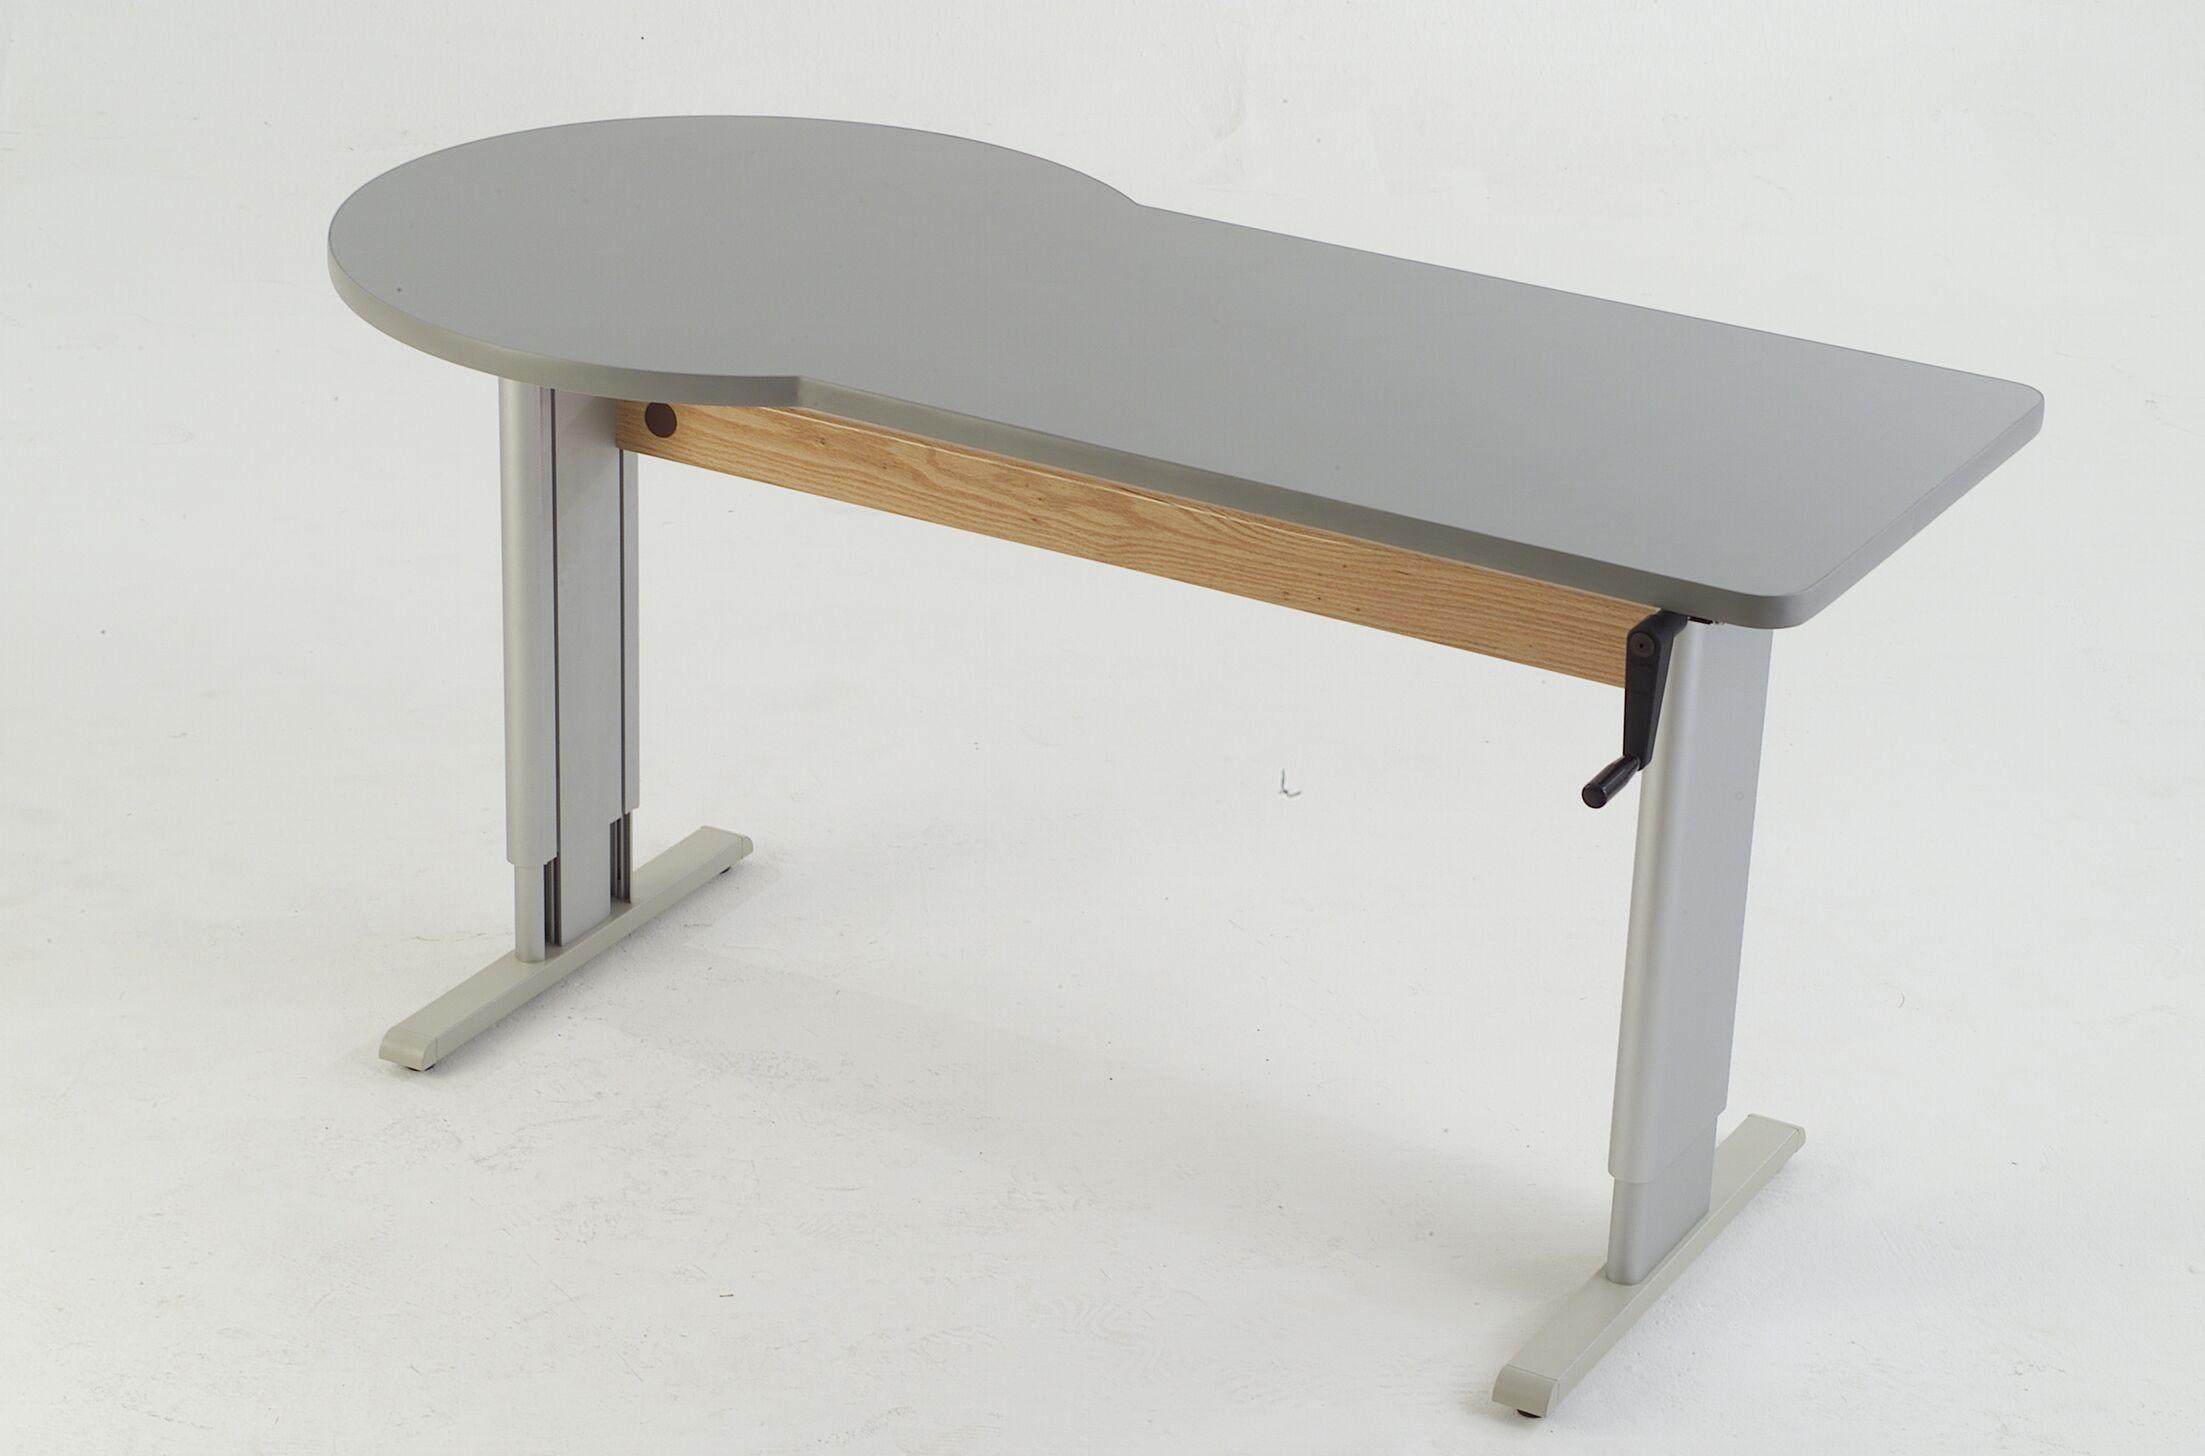 60'' W Maciejewski Height Adjustable Training Table Tabletop Finish: Urban Walnut